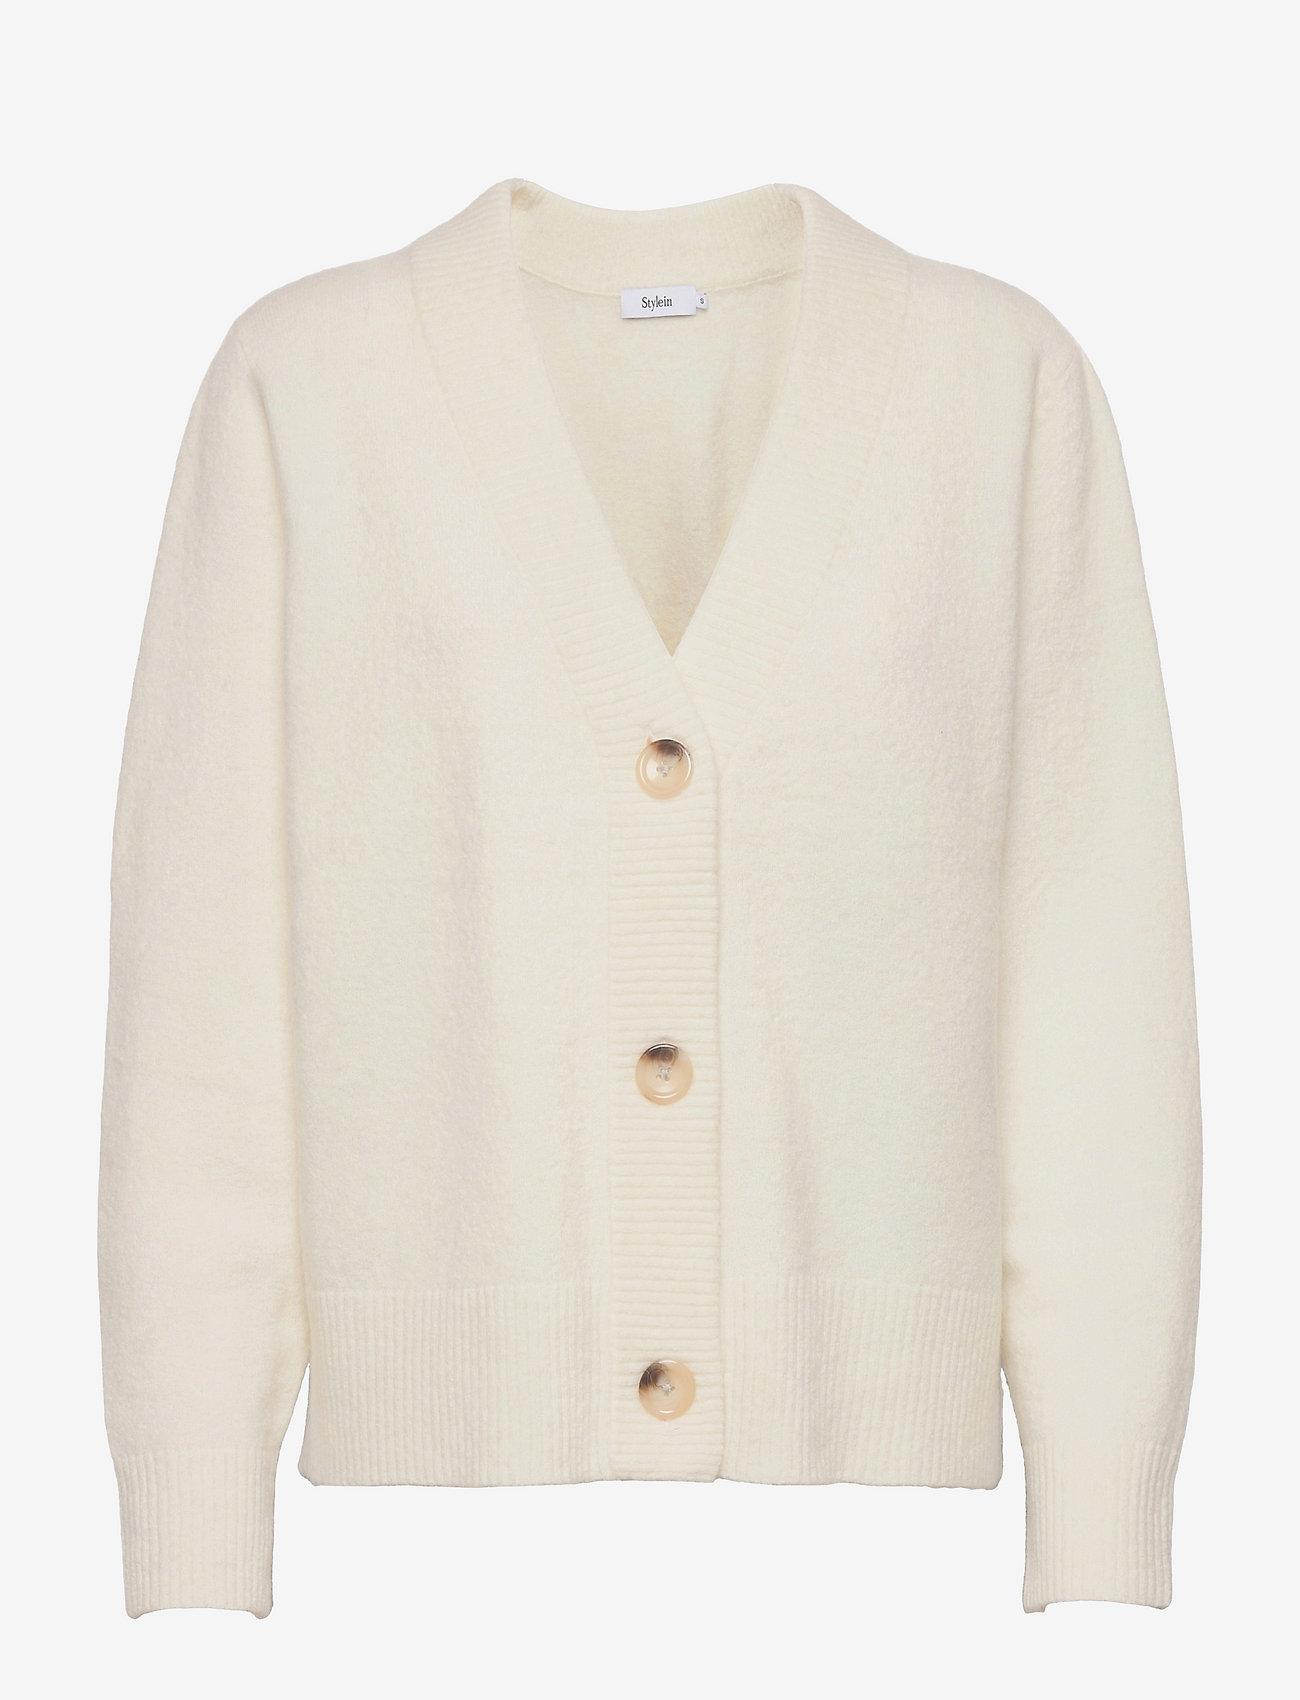 Stylein - ELLIE CARDIGAN - vesten - white - 1